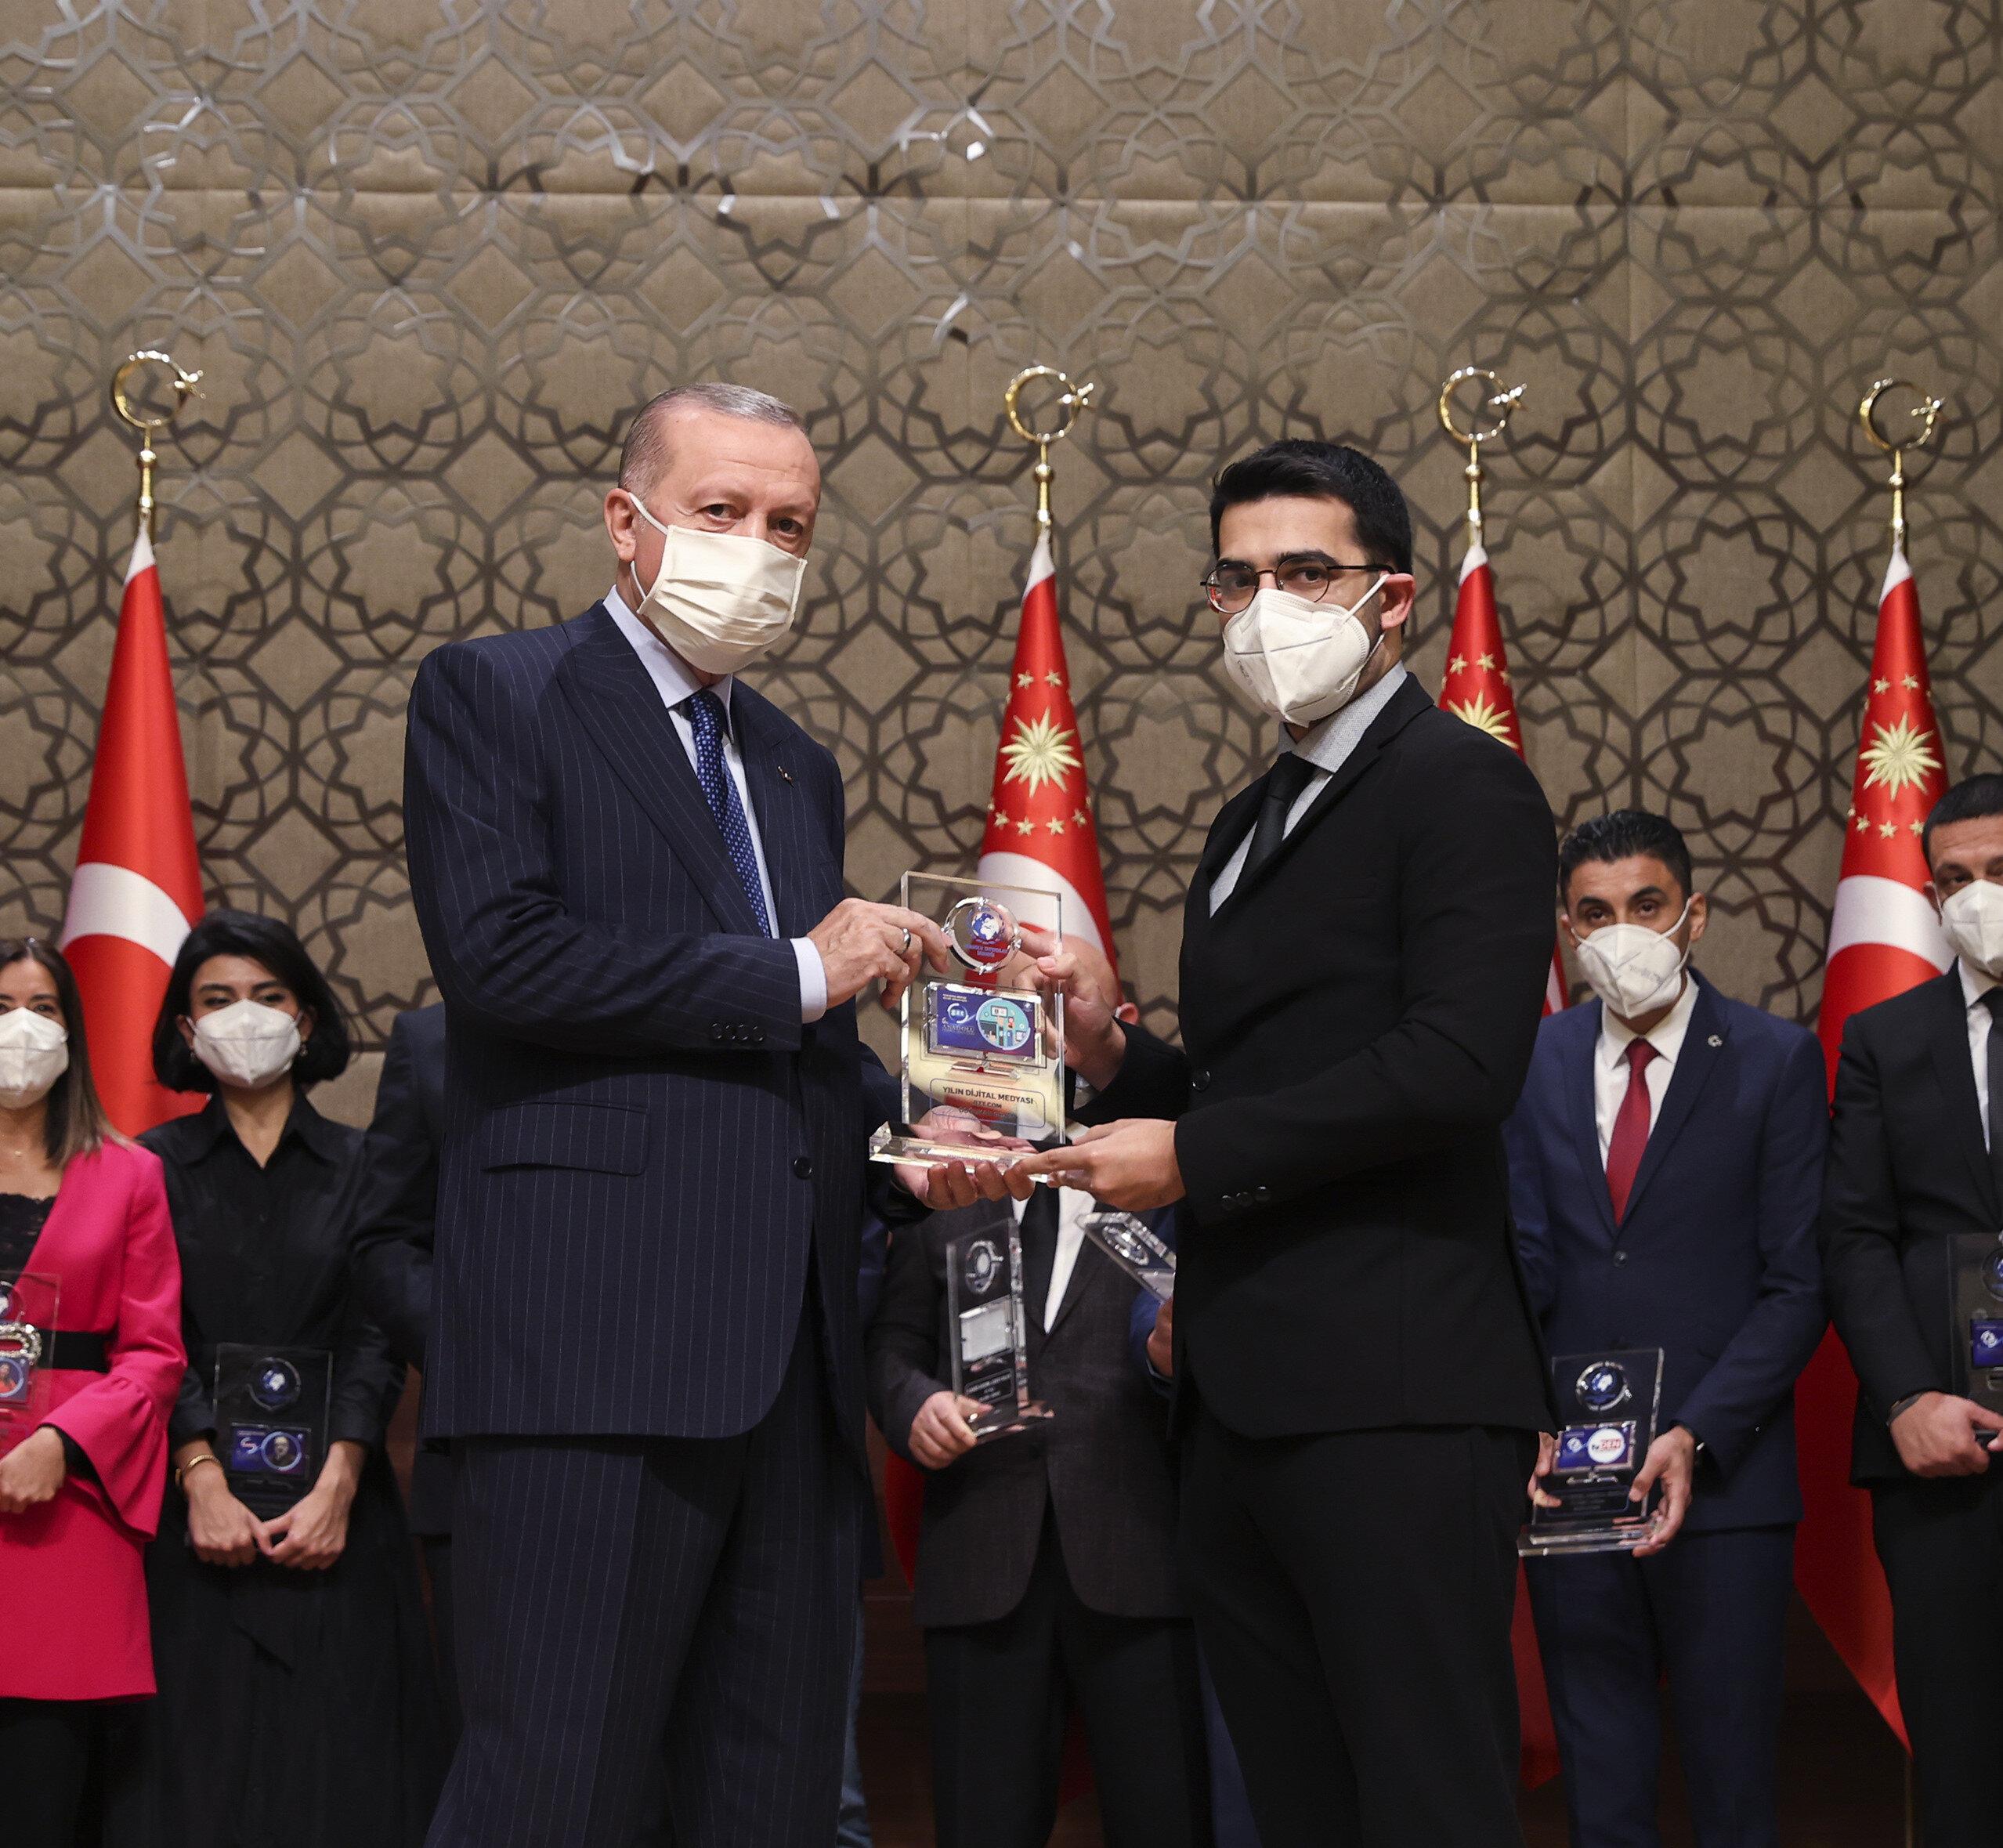 GZT Yayın Yönetmeni Doğukan Gezer, Yılın Dijital Medyası Ödülünü Cumhurbaşkanı Erdoğan'dan aldı.